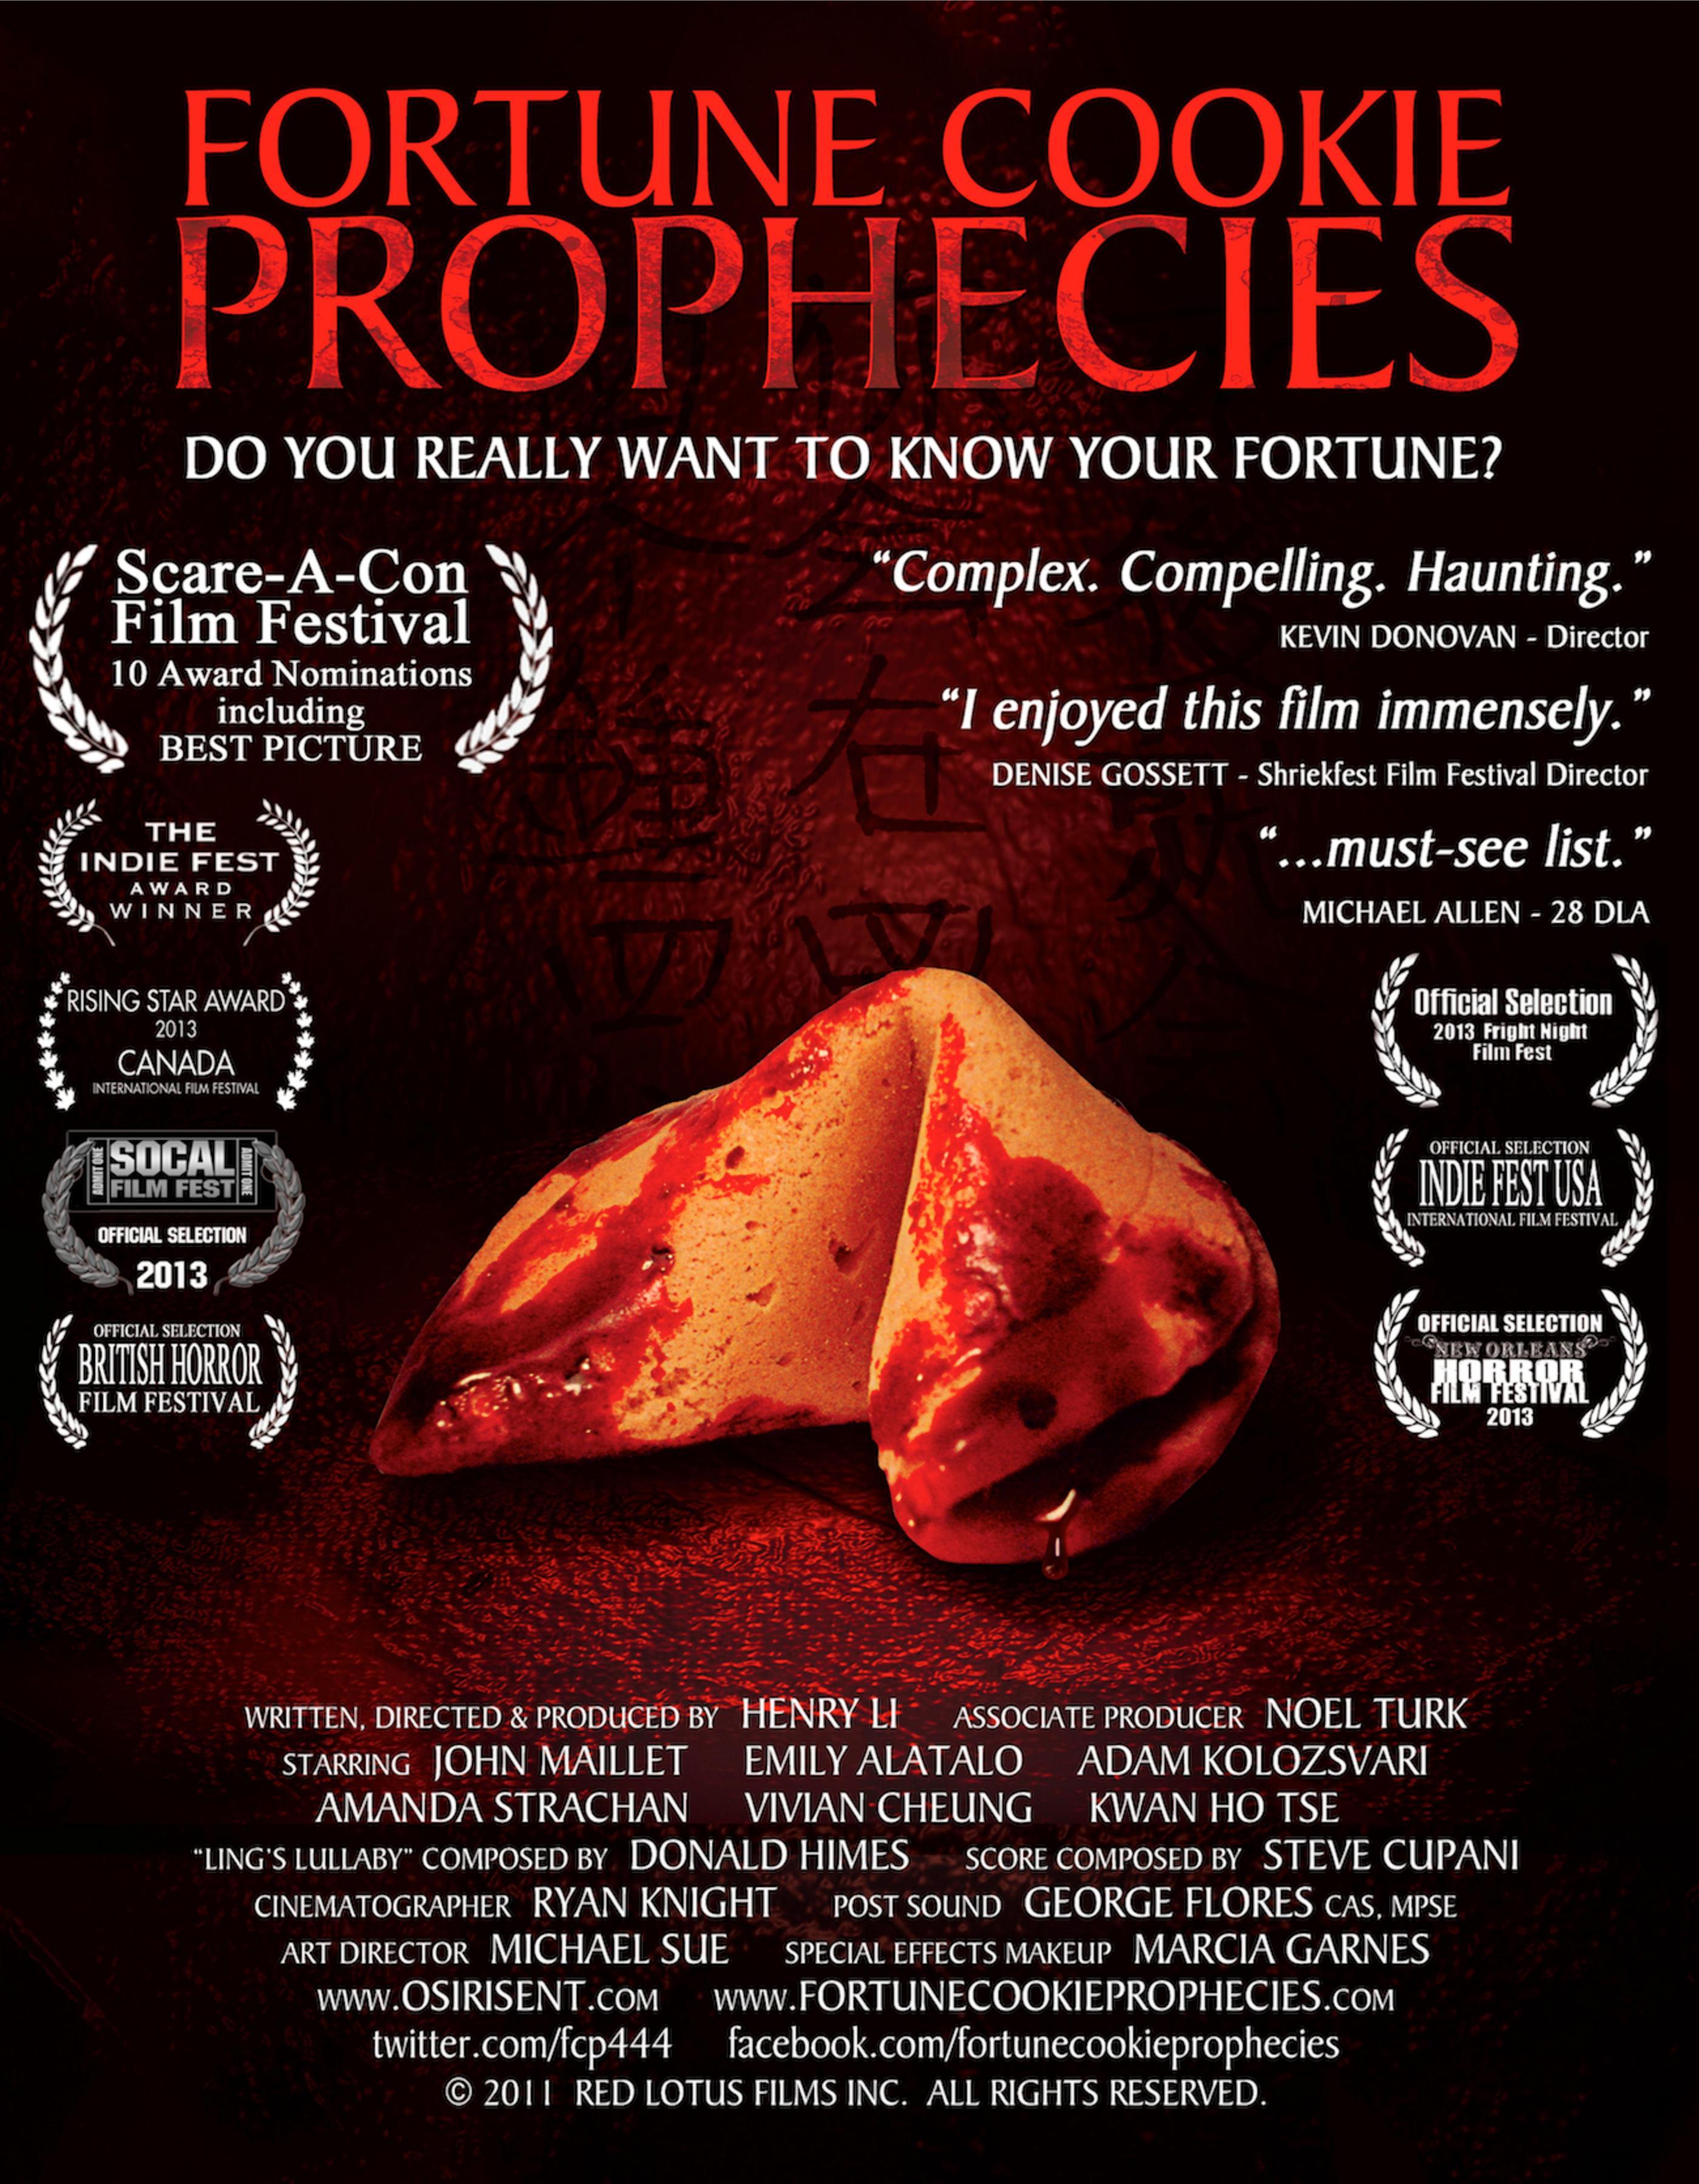 Кадры из фильма смотреть фильм печенье с предсказанием 2016 онлайн